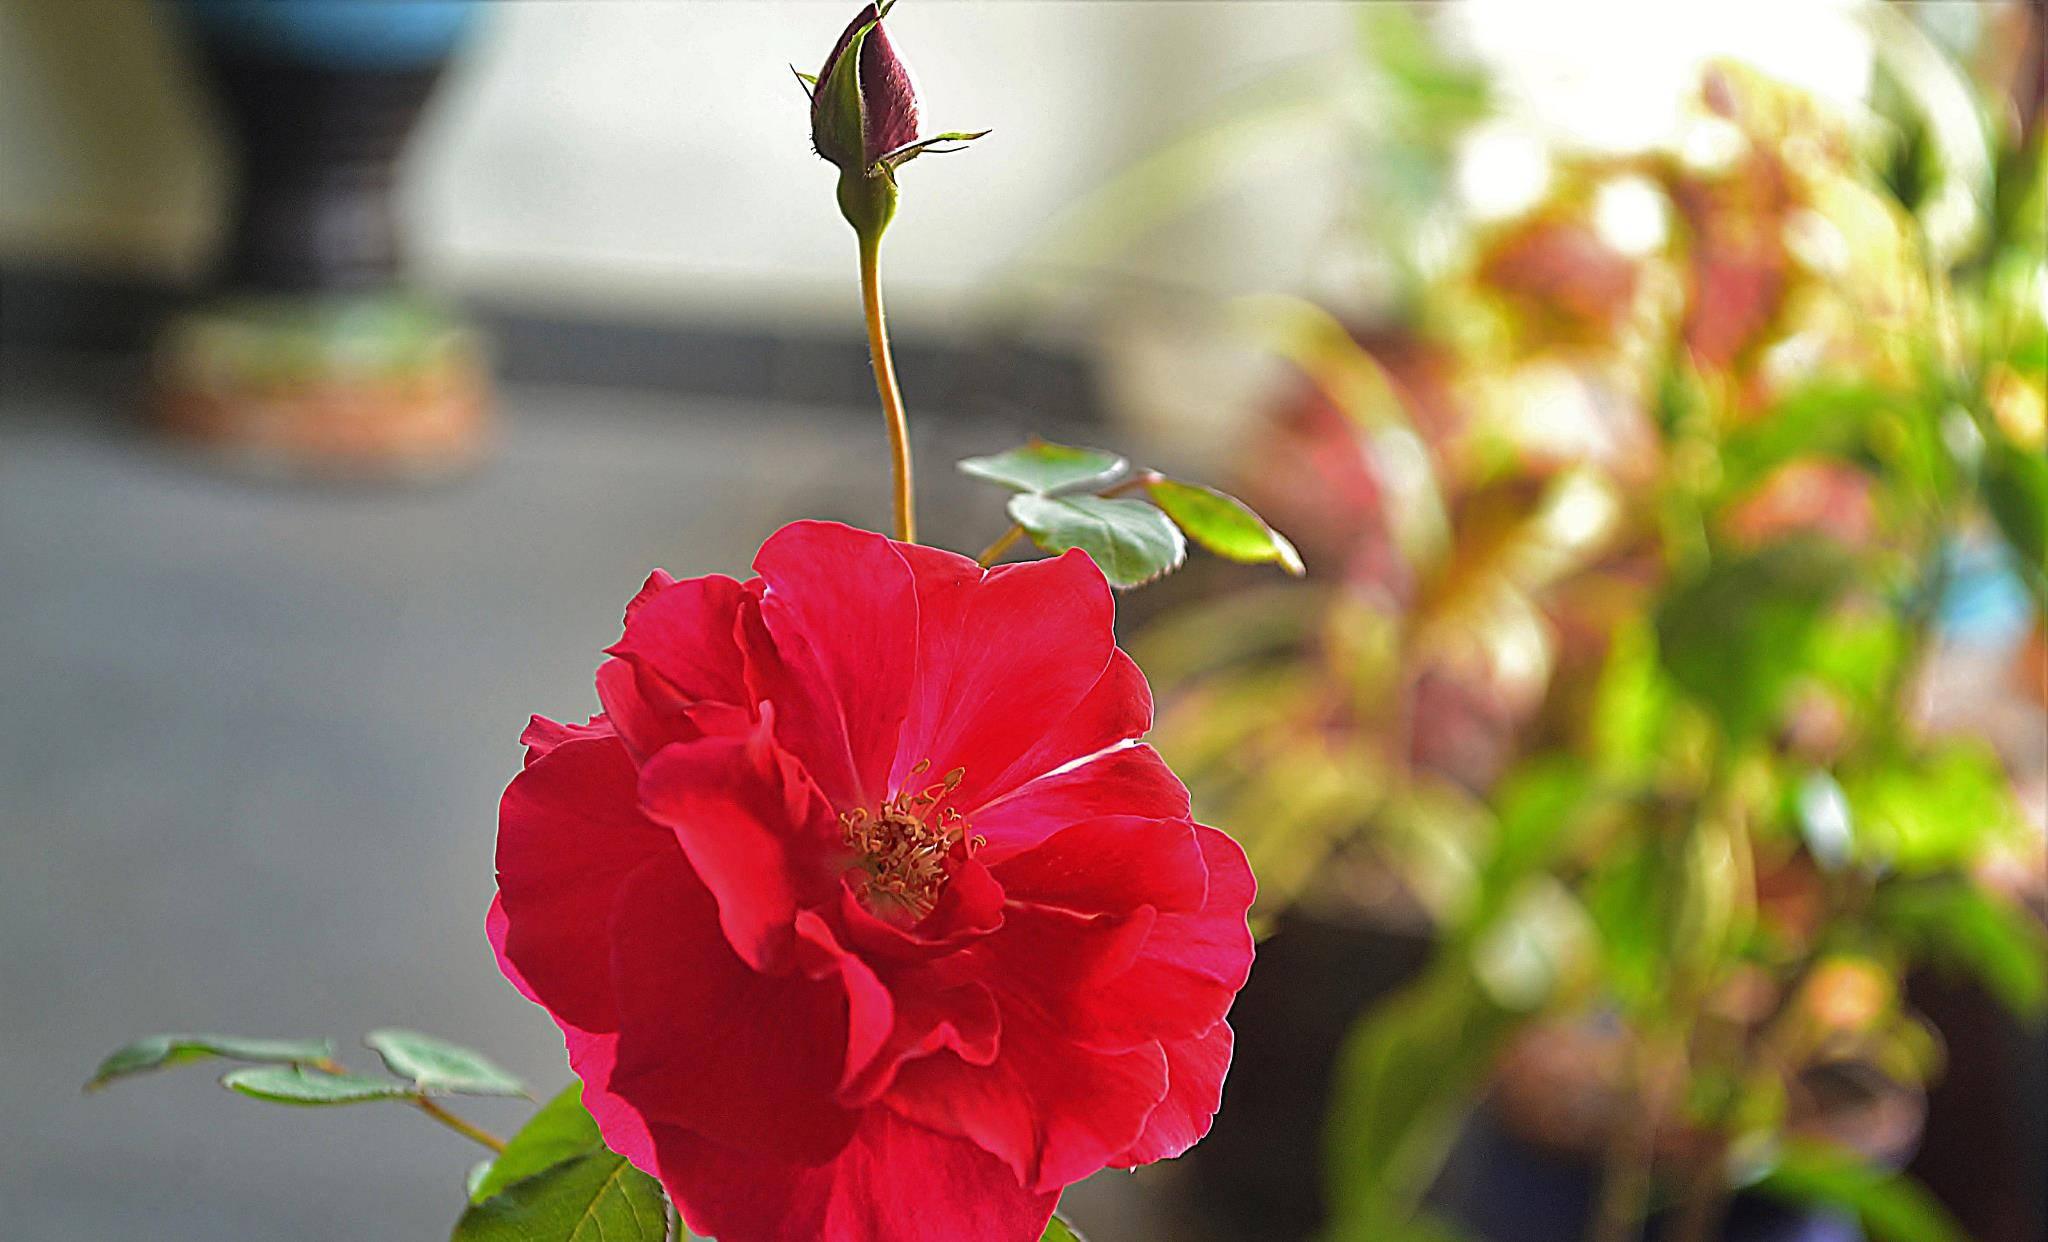 这些花都不适合种在封闭阳台,别被漂亮图片忽悠了,越养越后悔